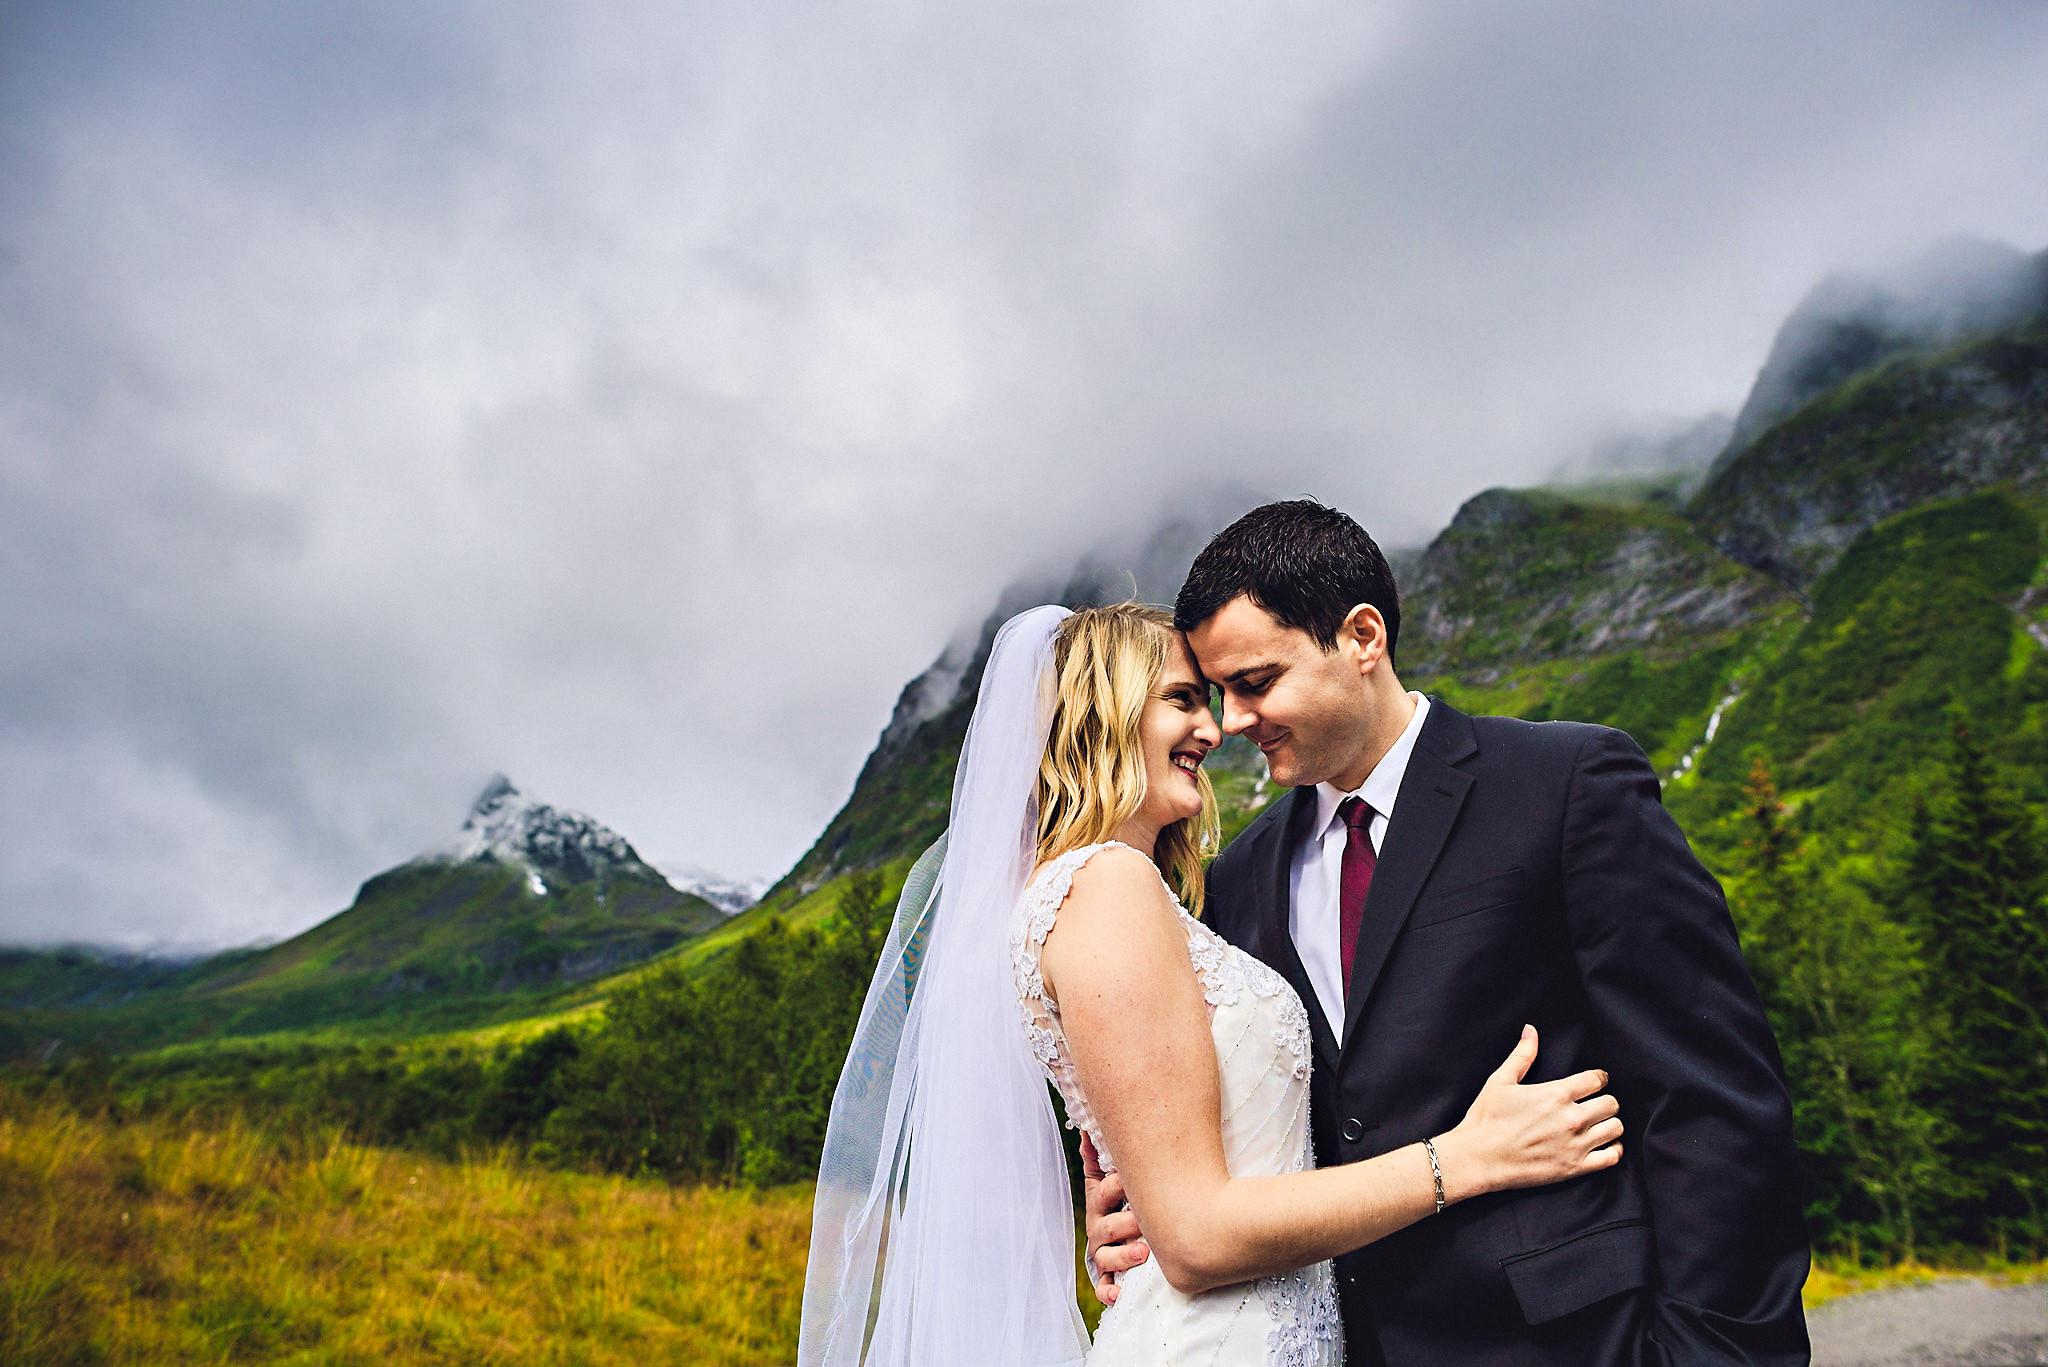 Eirik Halvorsen - Blikkfangerne angre på valget av bryllupsfotograf-8.jpg